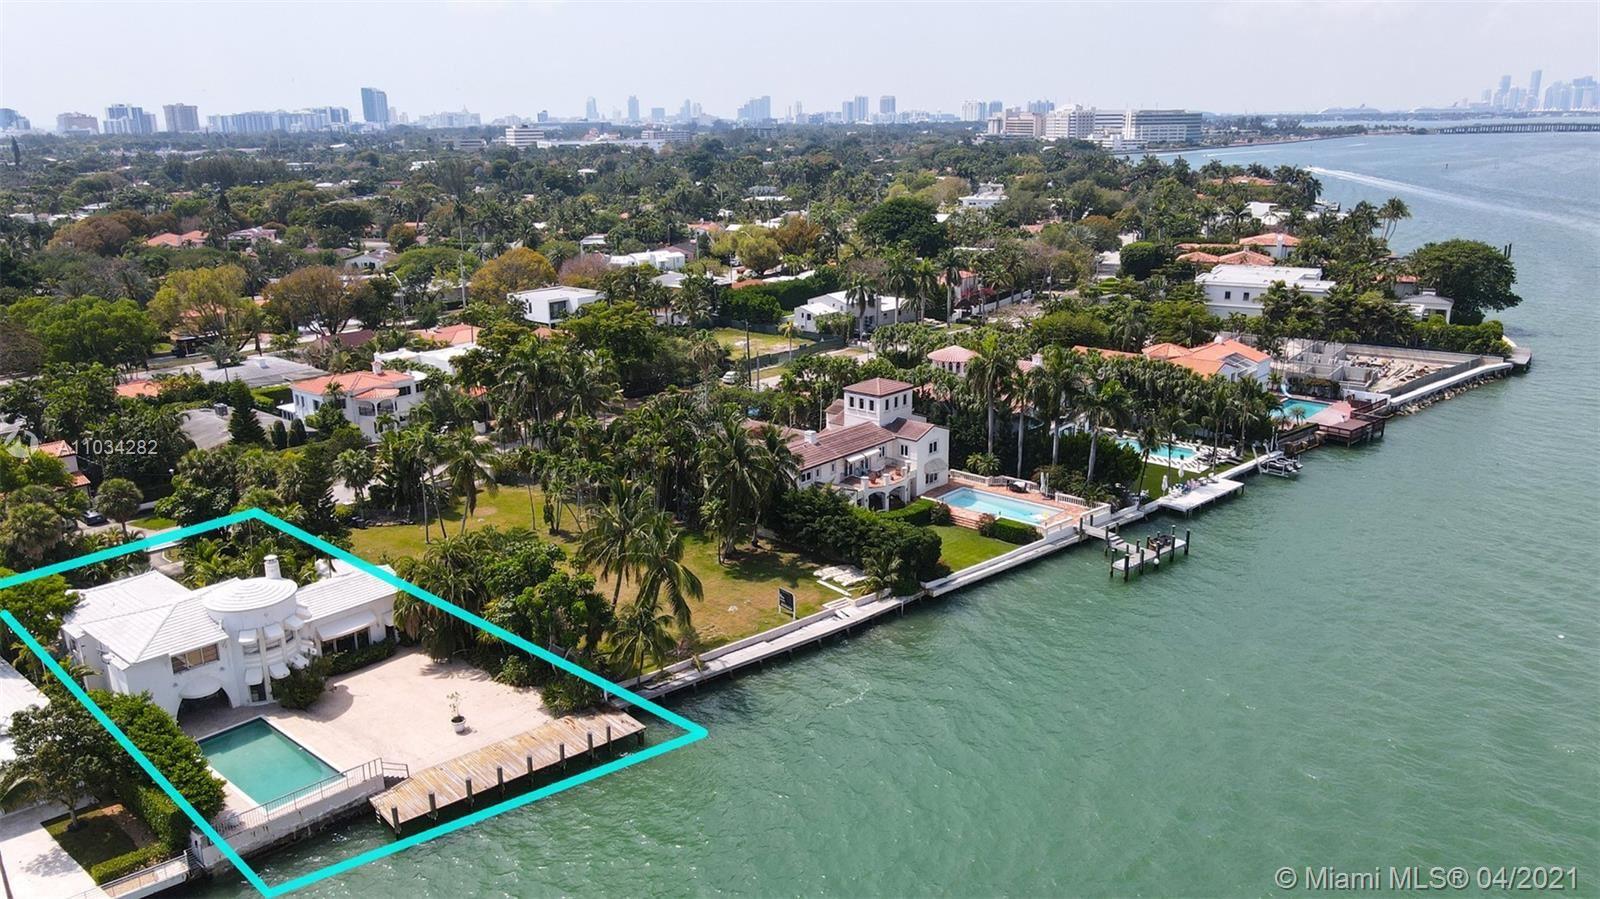 Photo of 4774 N Bay Rd, Miami Beach, FL 33140 (MLS # A11034282)